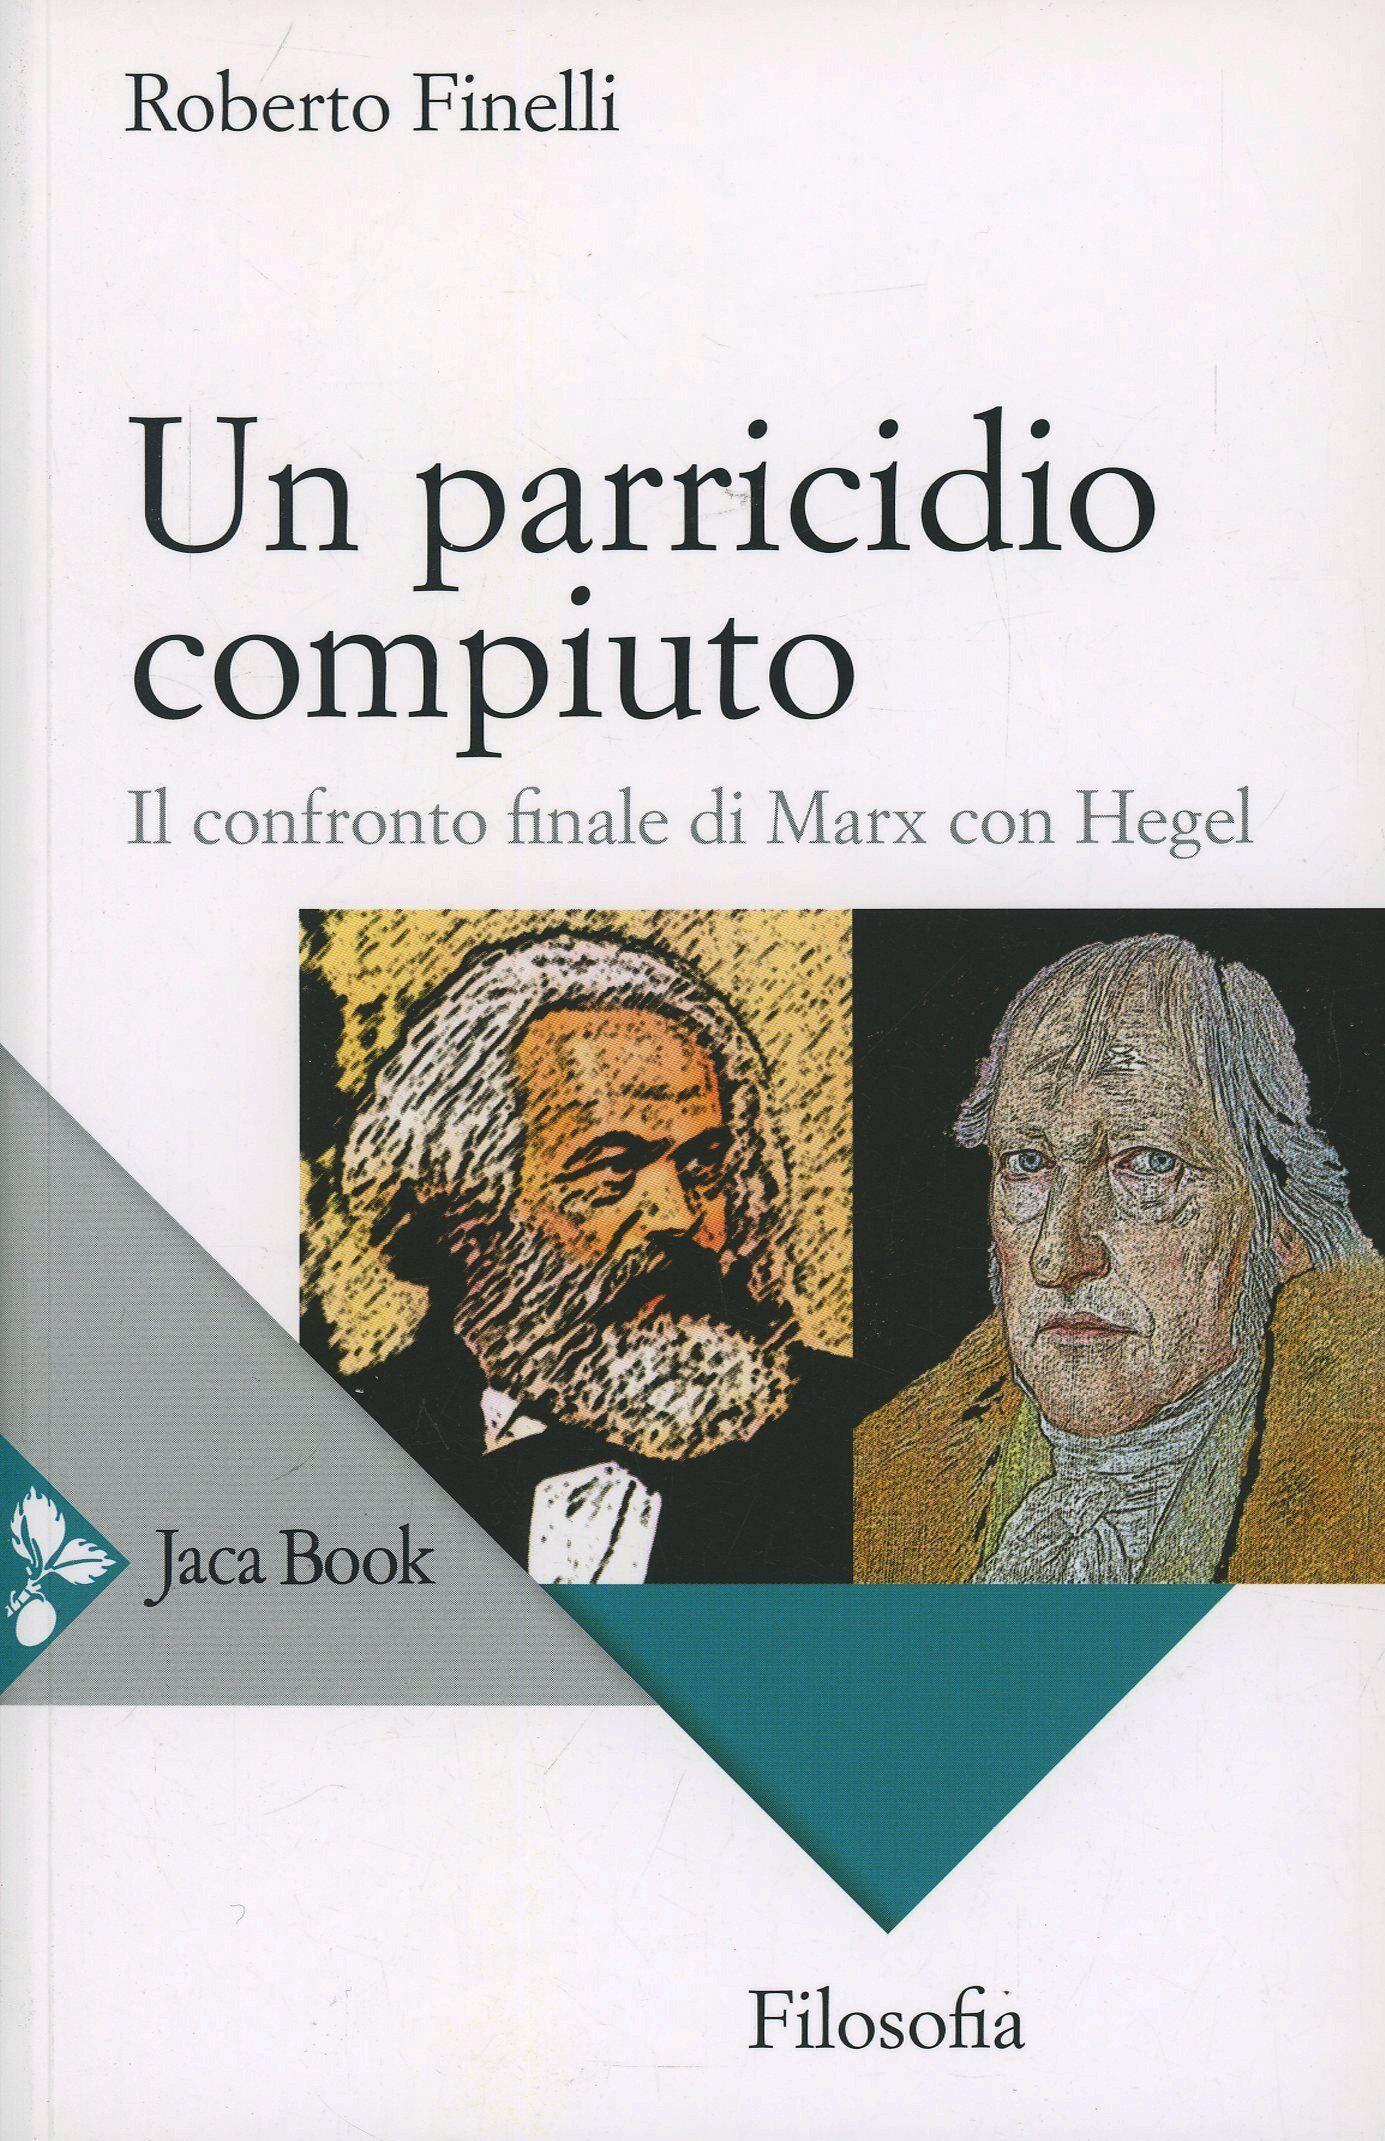 Un parricidio compiuto. Il confronto finale di Marx con Hegel